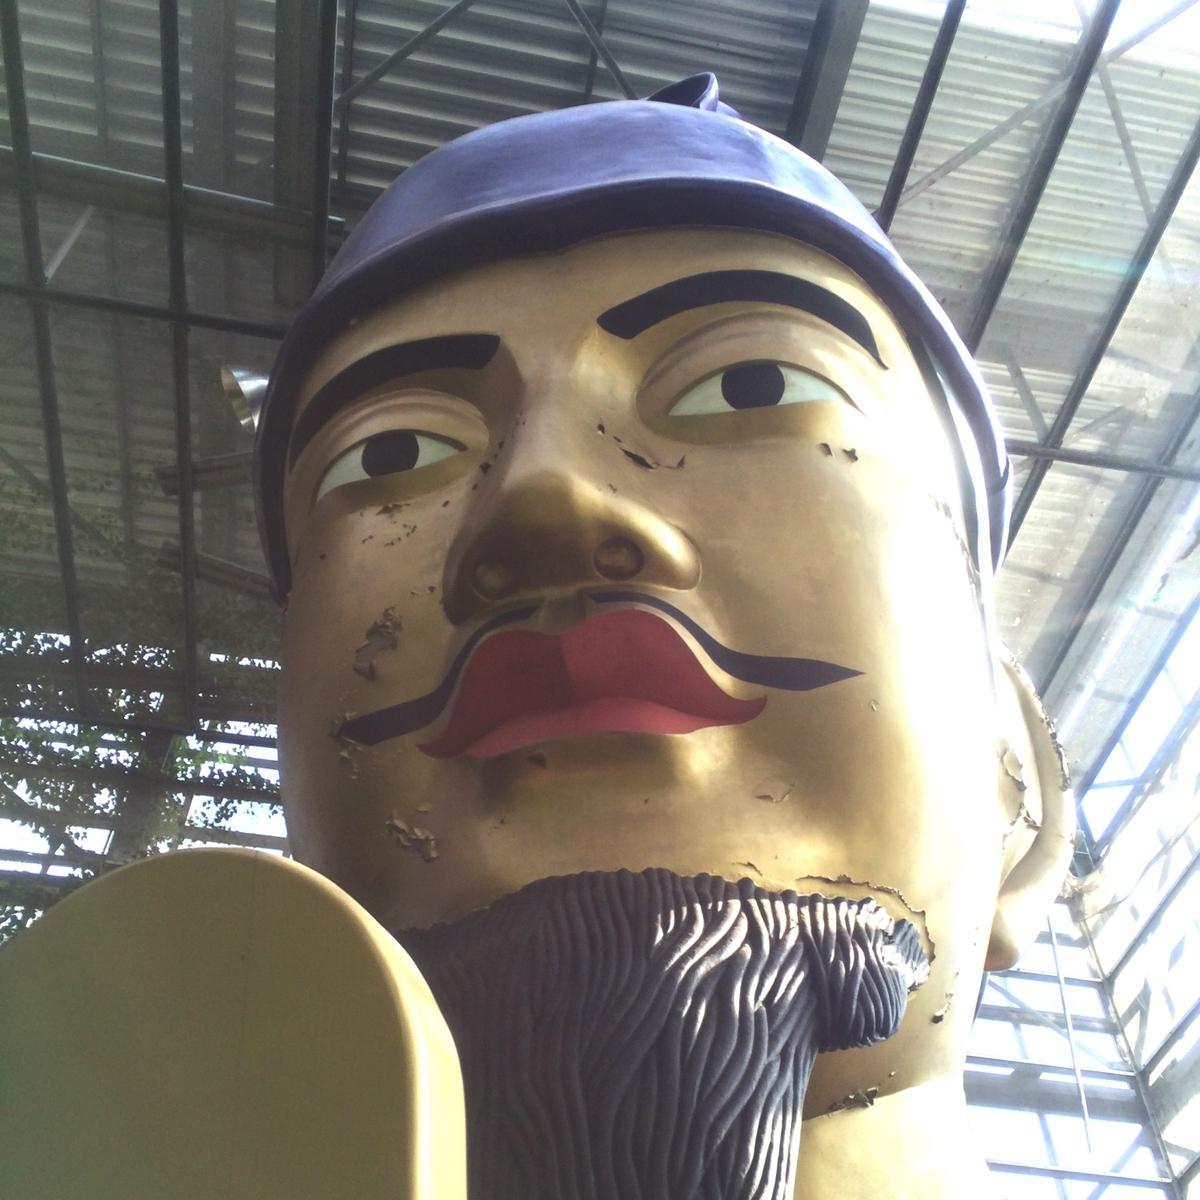 聖徳太子的な顔のイメージ